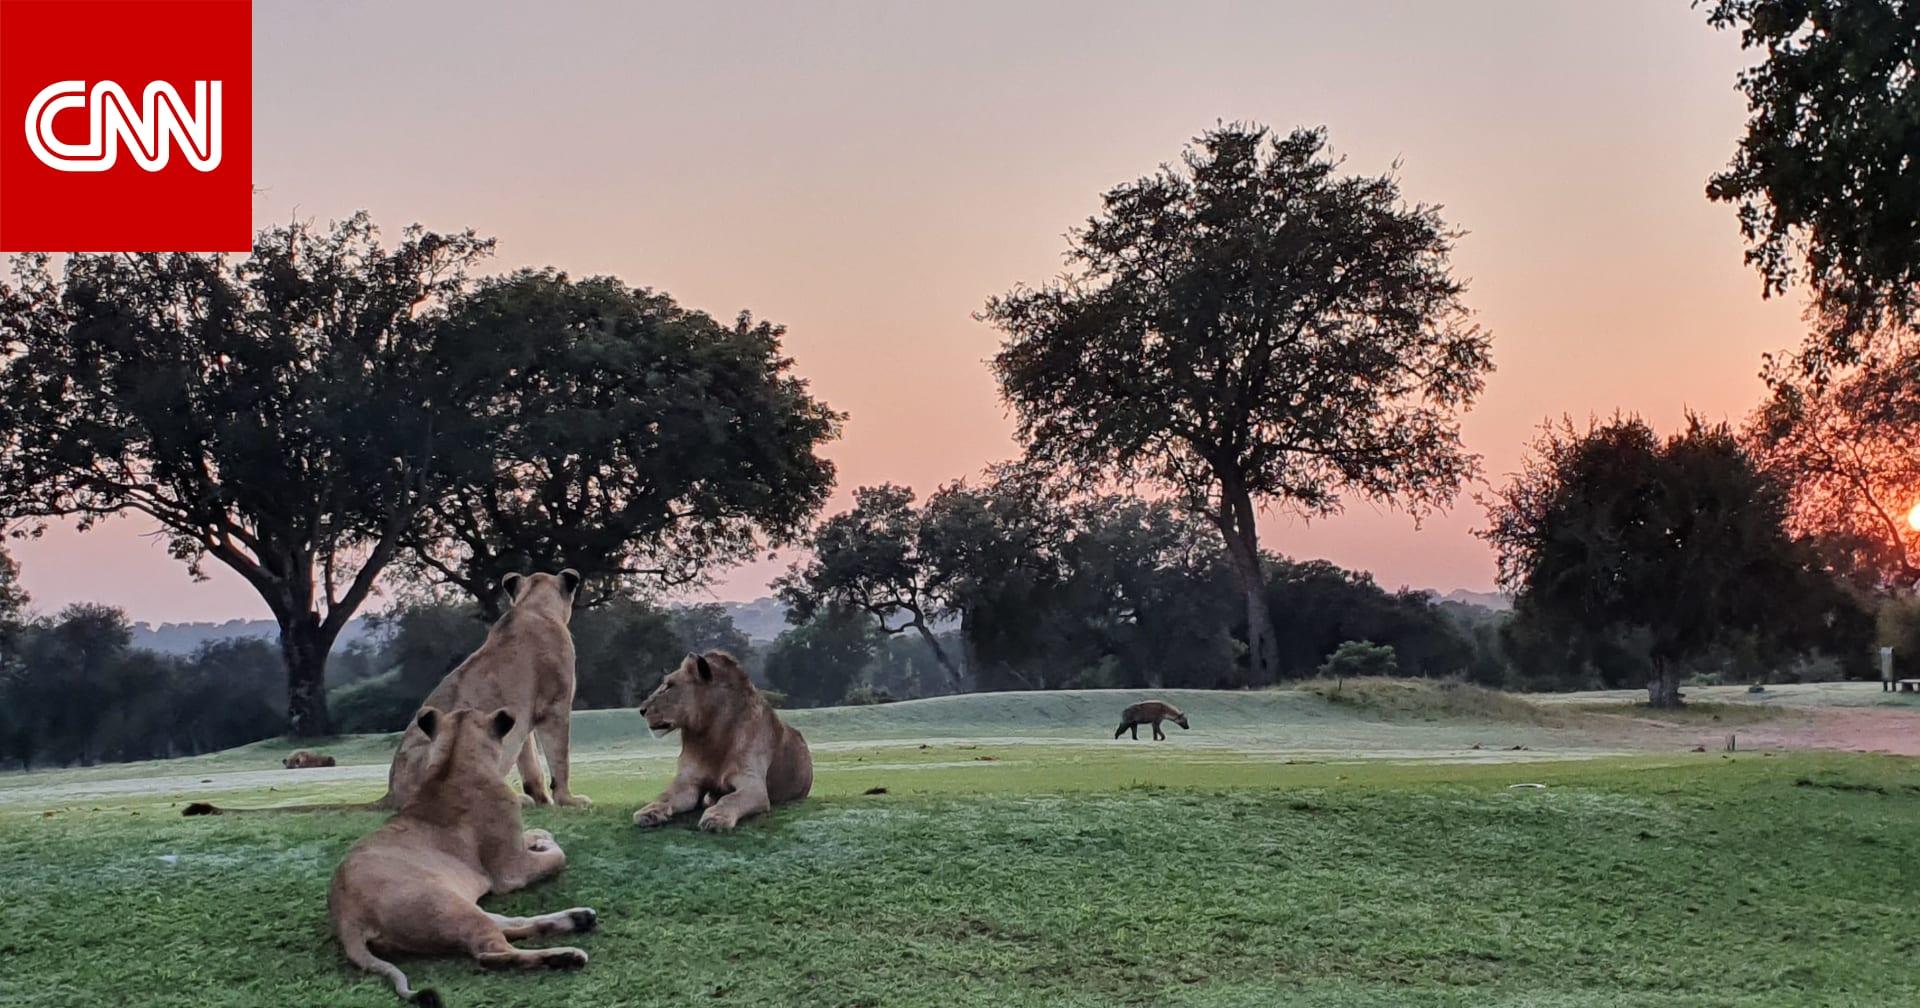 هل تجرؤ على لعب الغولف بجنوب أفريقيا بين الحيوانات الخمسة الكبار؟